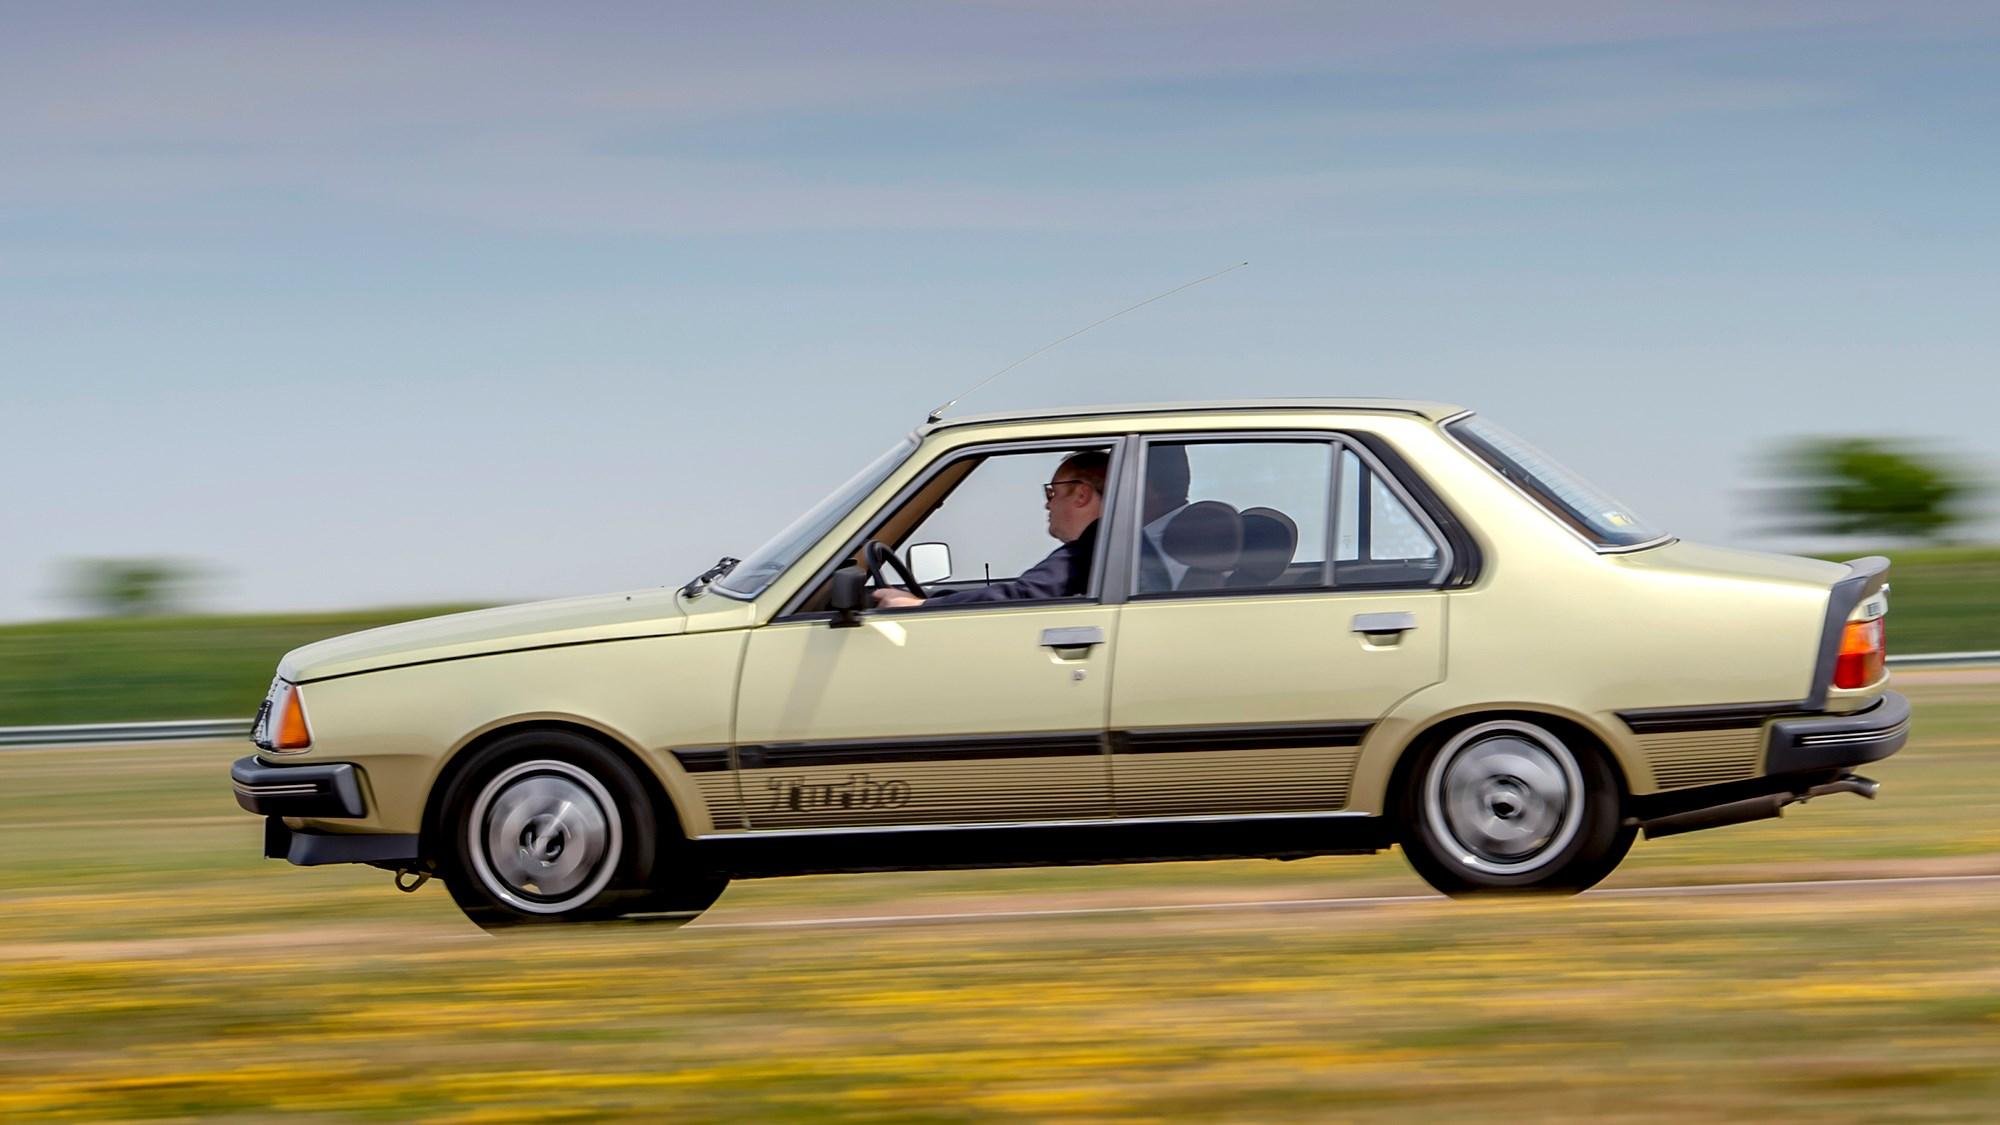 Renault 18 Turbo panning shot